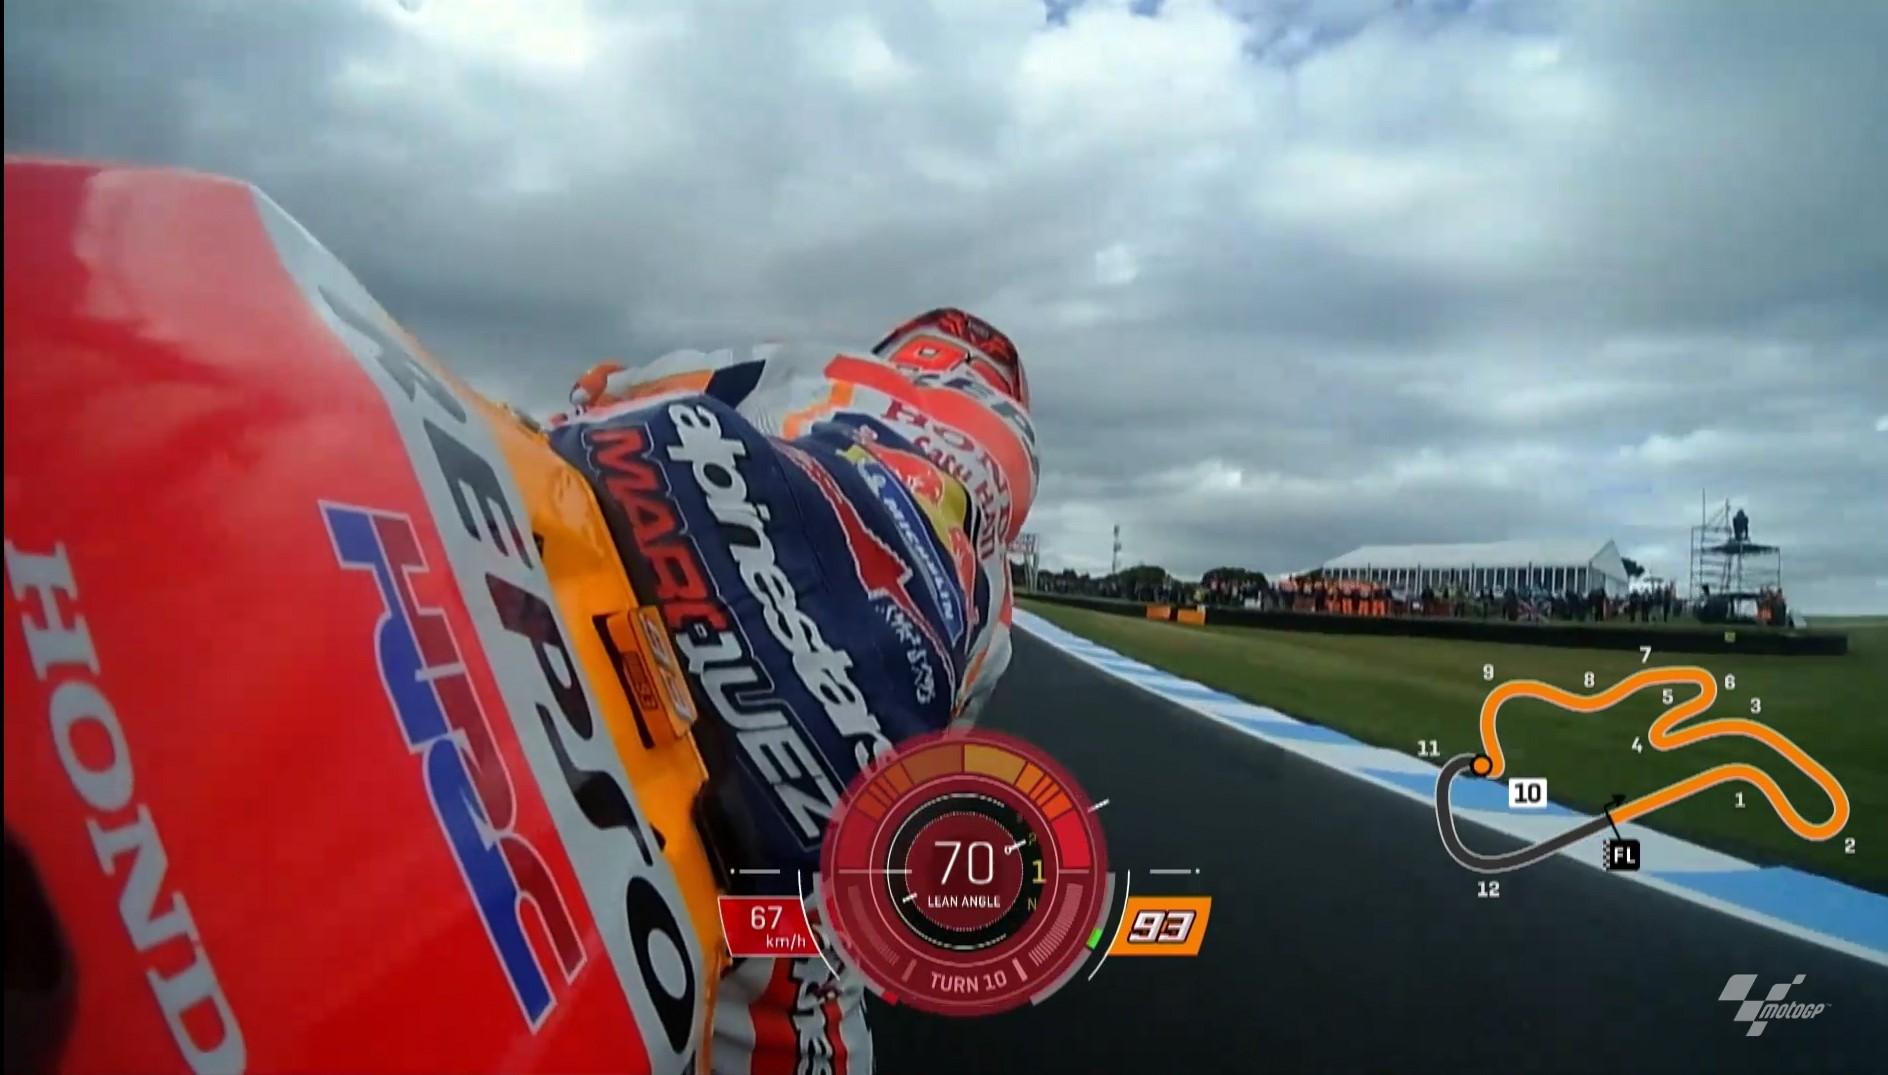 MOTO GP マルク マルケスがバンク角なんと70度を達成!